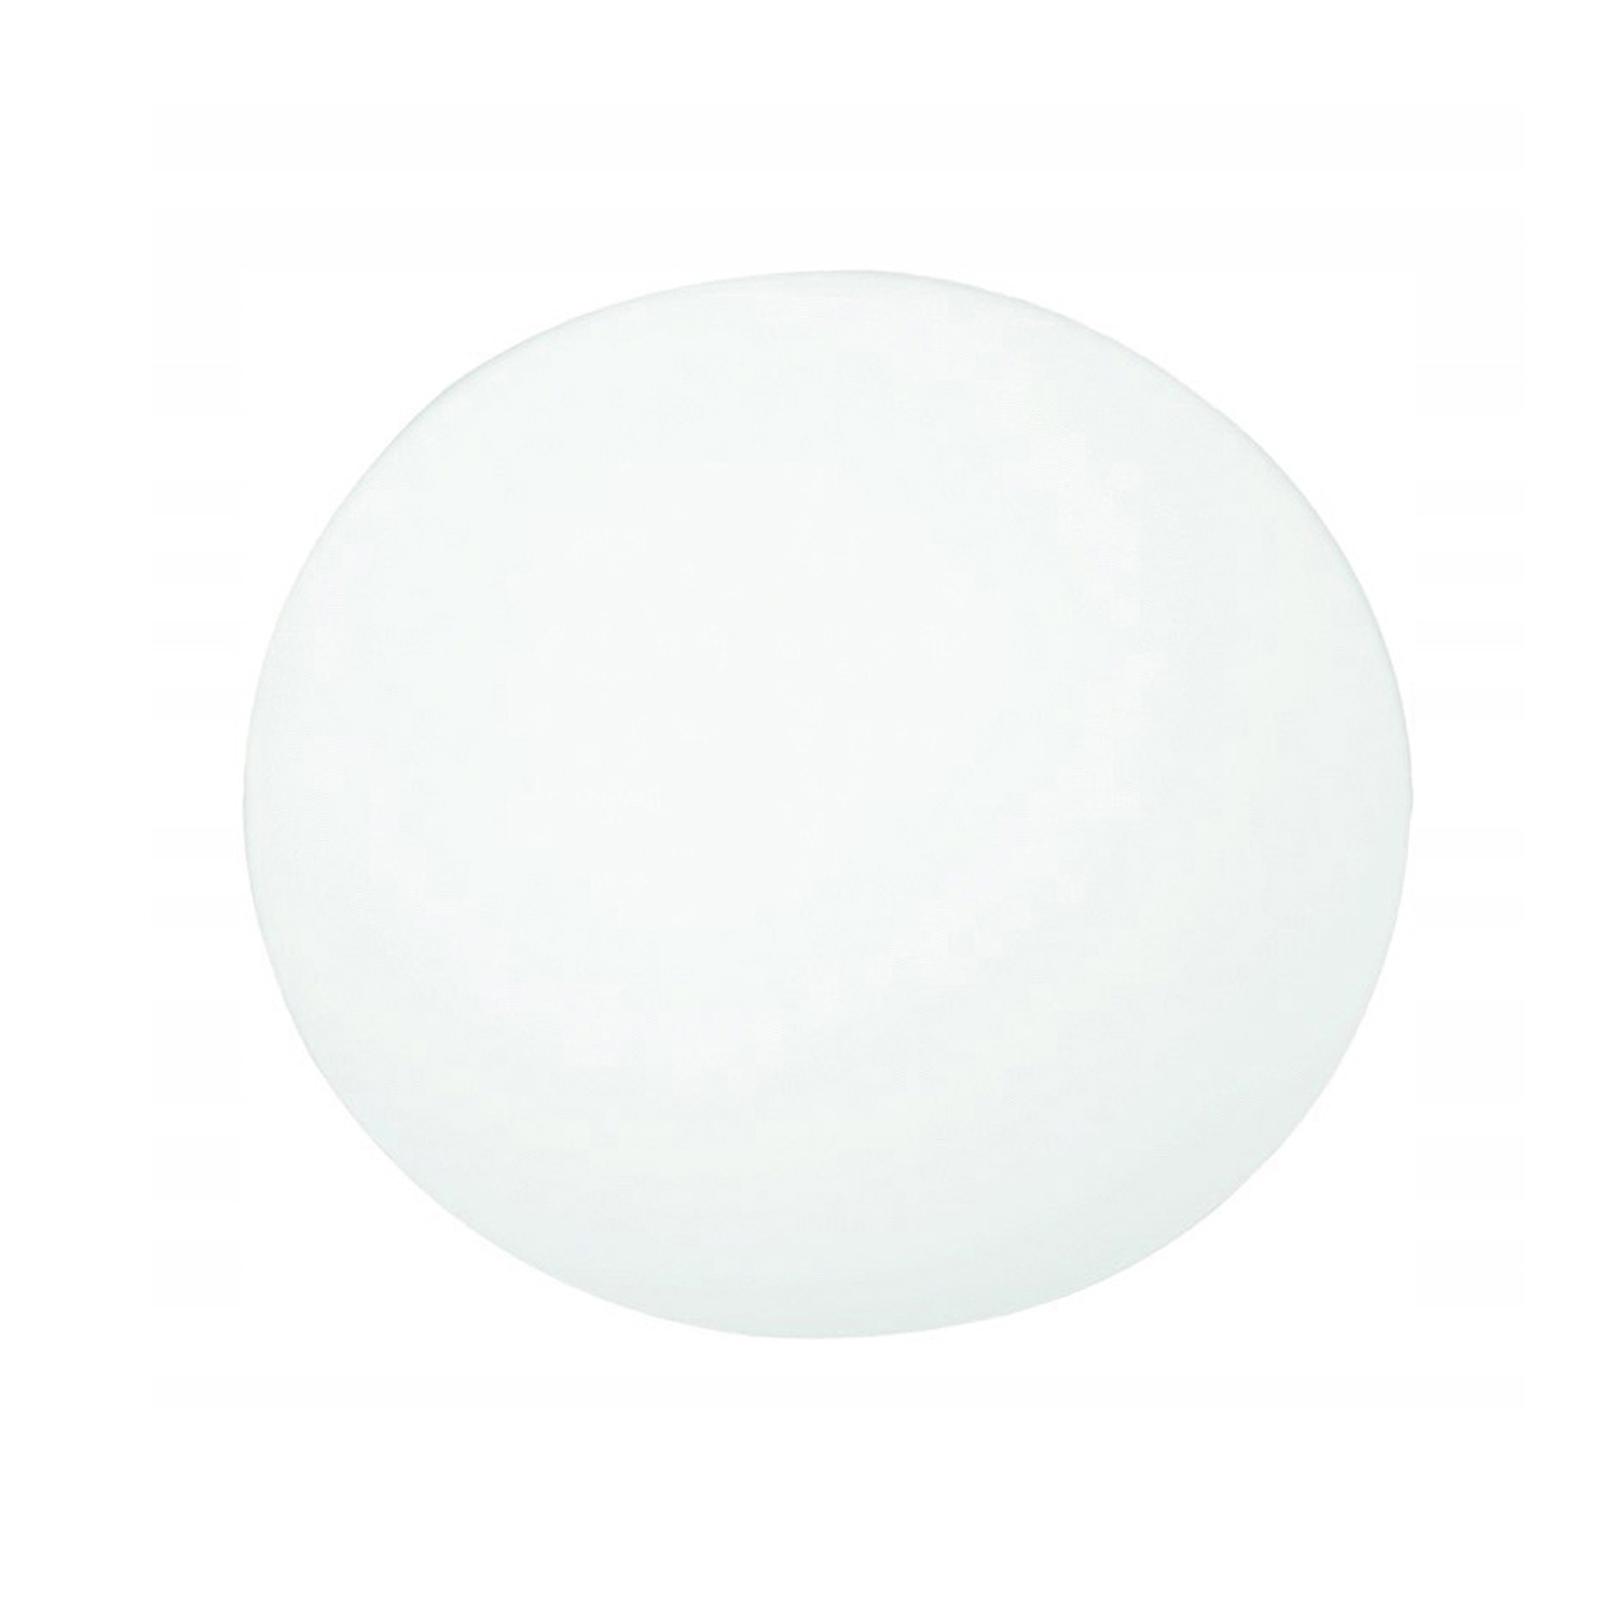 Twister loftlampe til badeværelse Ø 35 cm 2 x 40 W